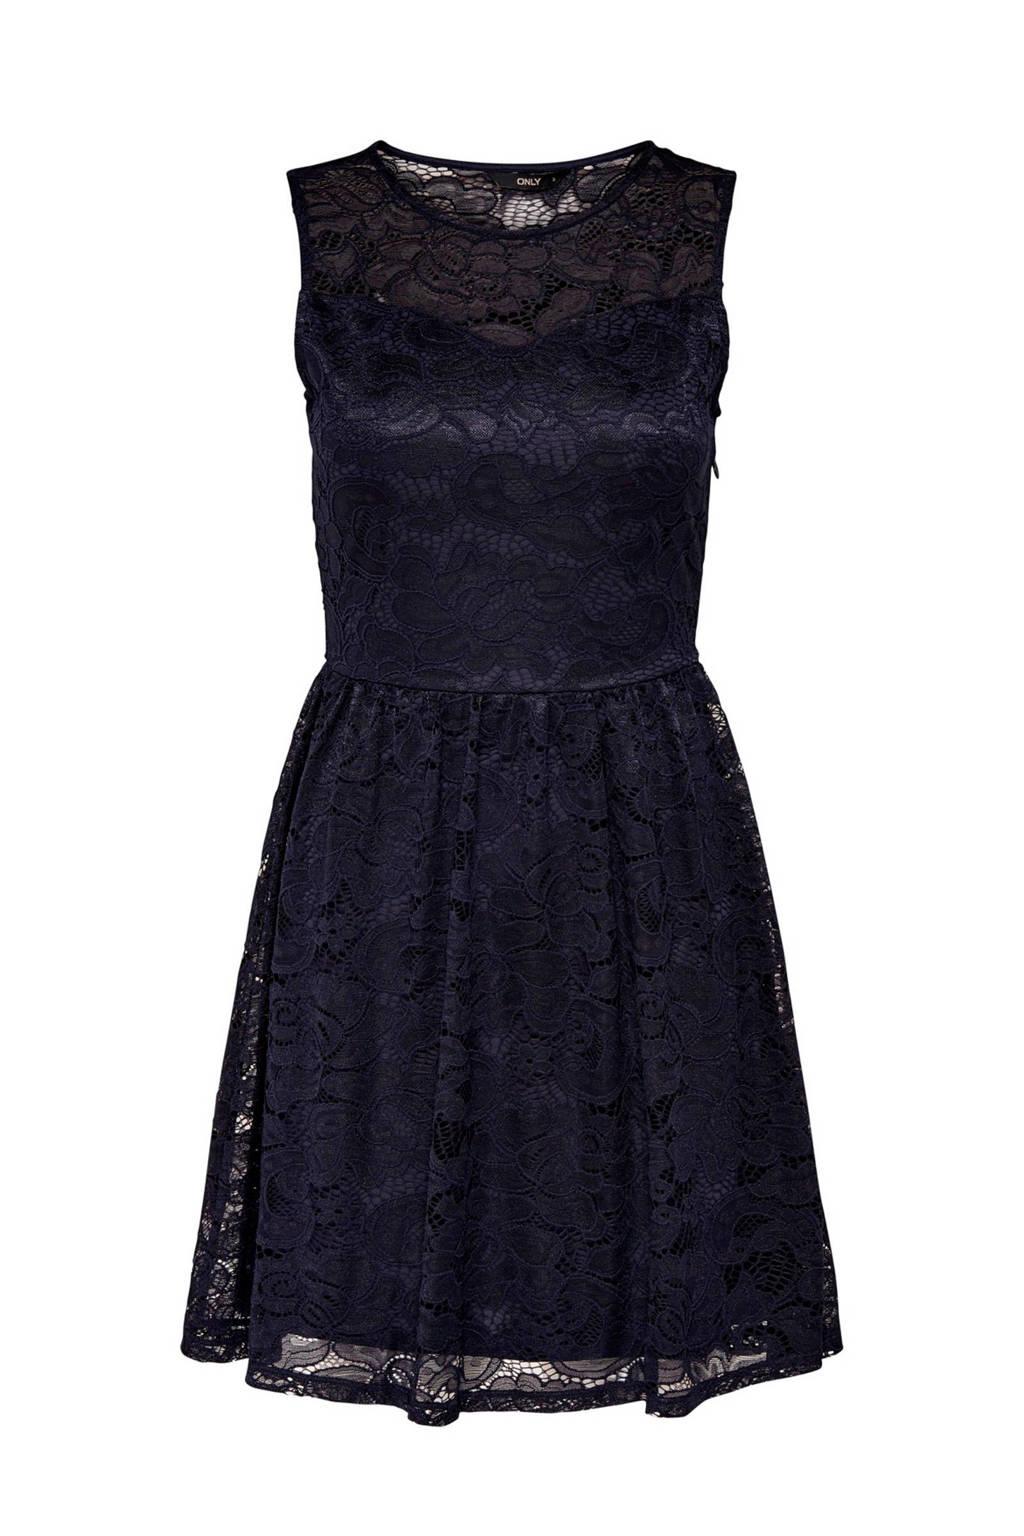 336f5c7ef3489e ONLY kanten jurk donkerblauw